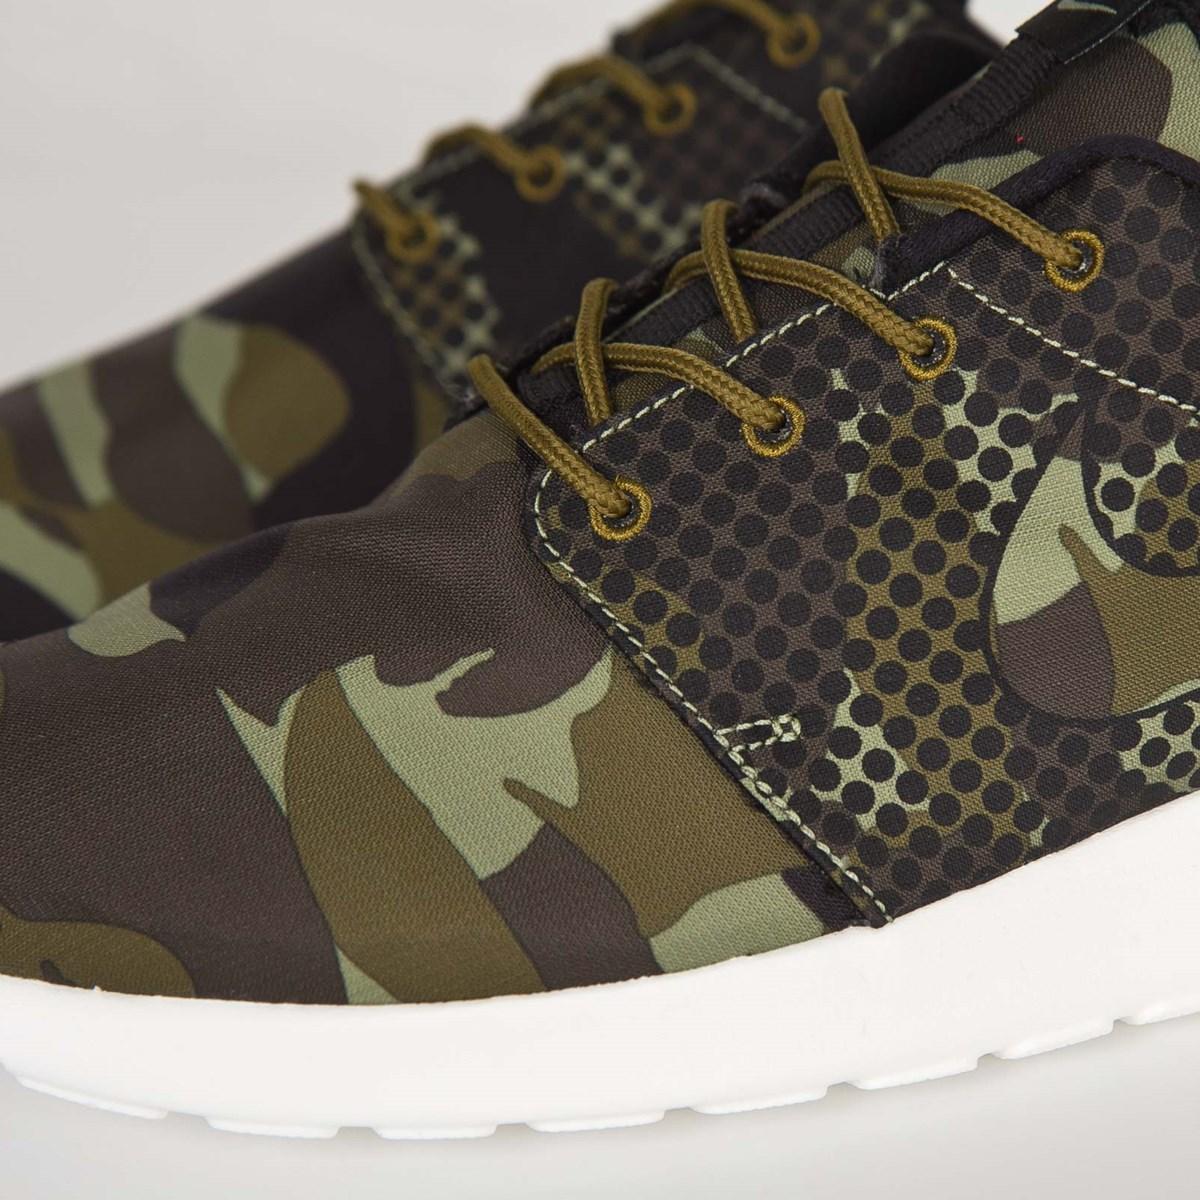 4b2fc559f468 Nike Nike Roshe One Print - 655206-303 - Sneakersnstuff